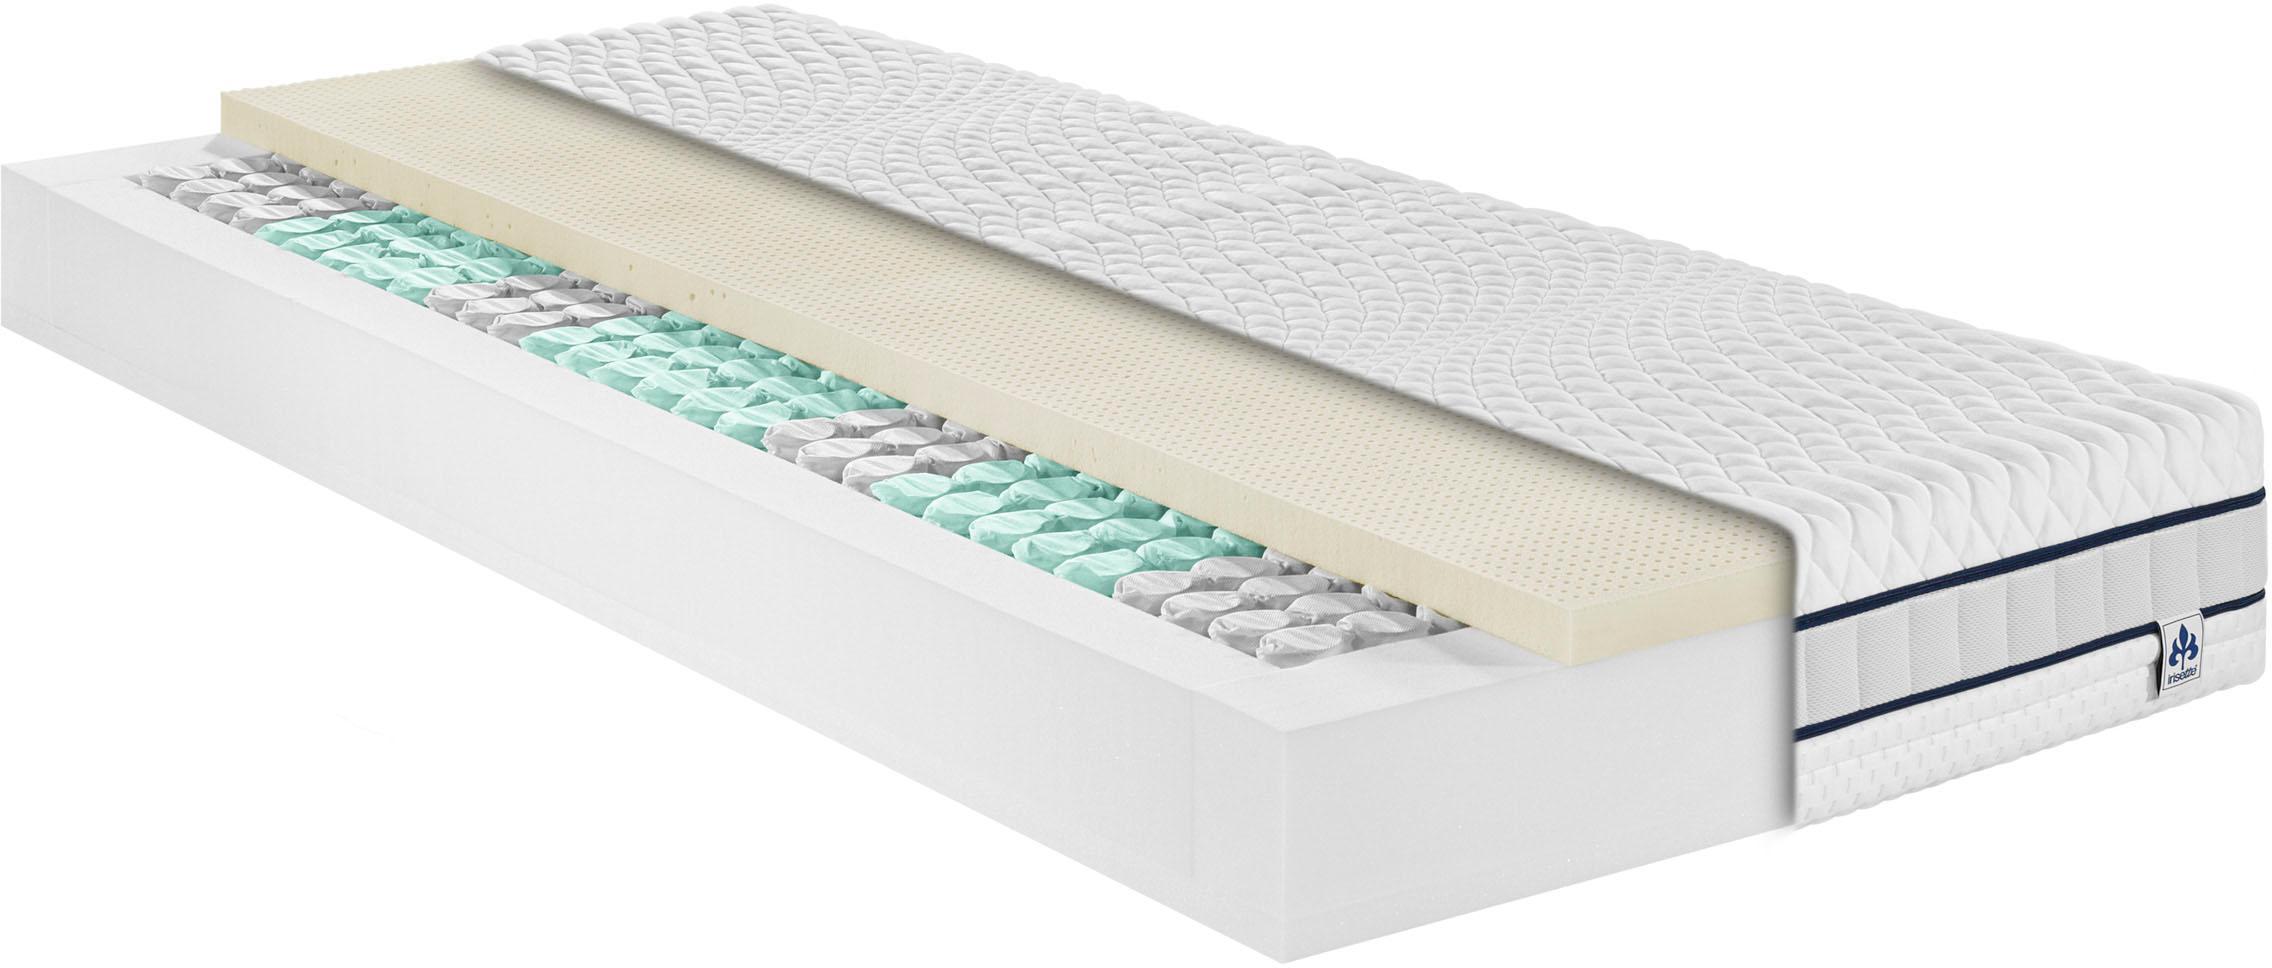 Taschenfederkernmatratze »Stralsund TFK«, Irisette, 22 cm hoch